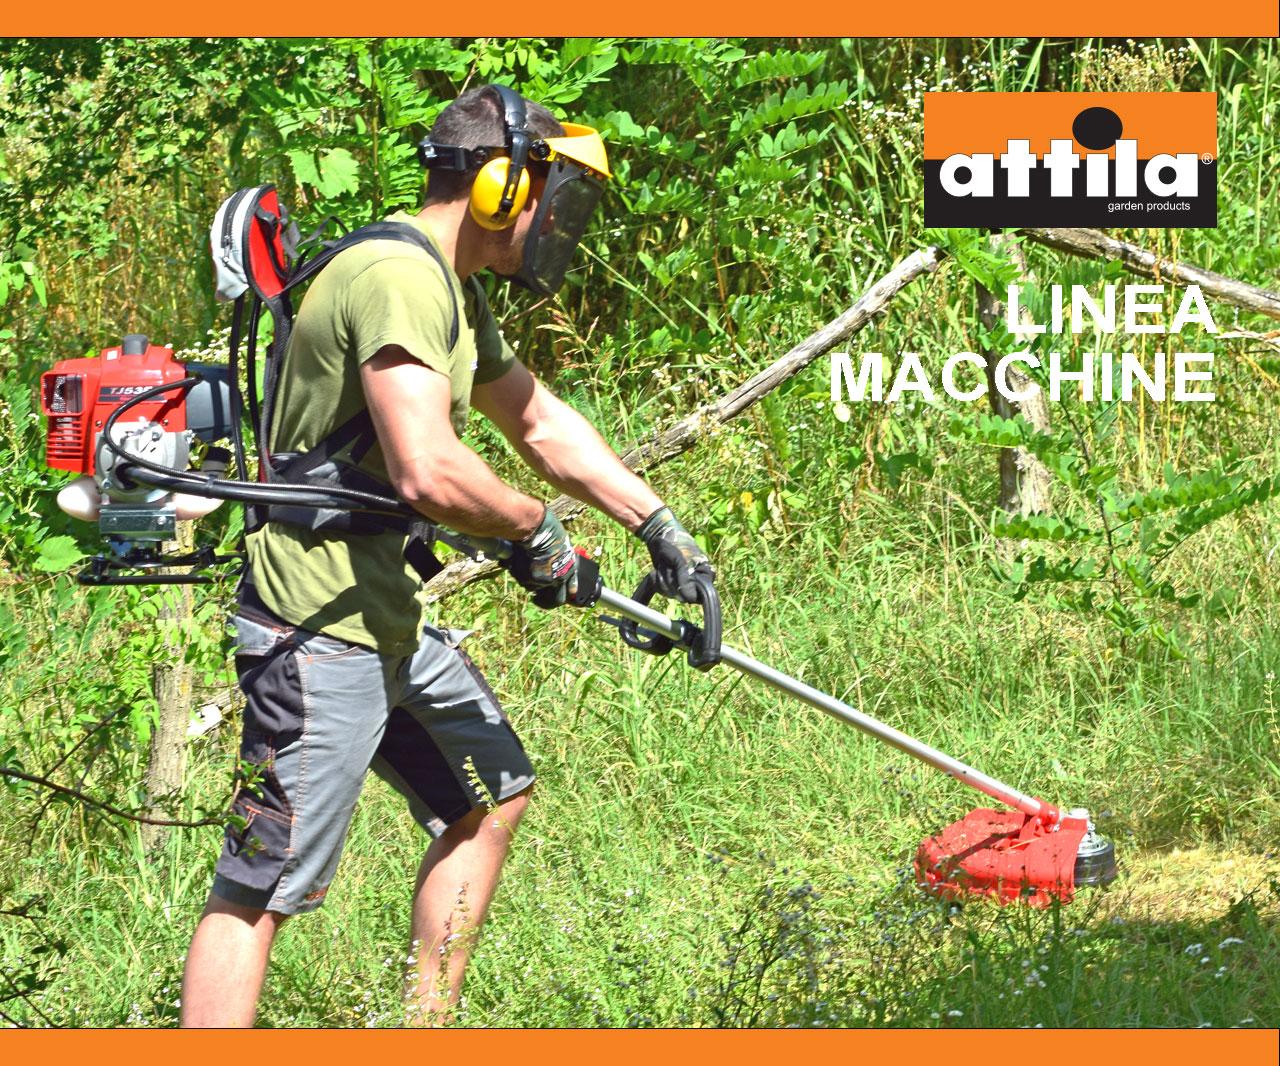 Attila Macchine